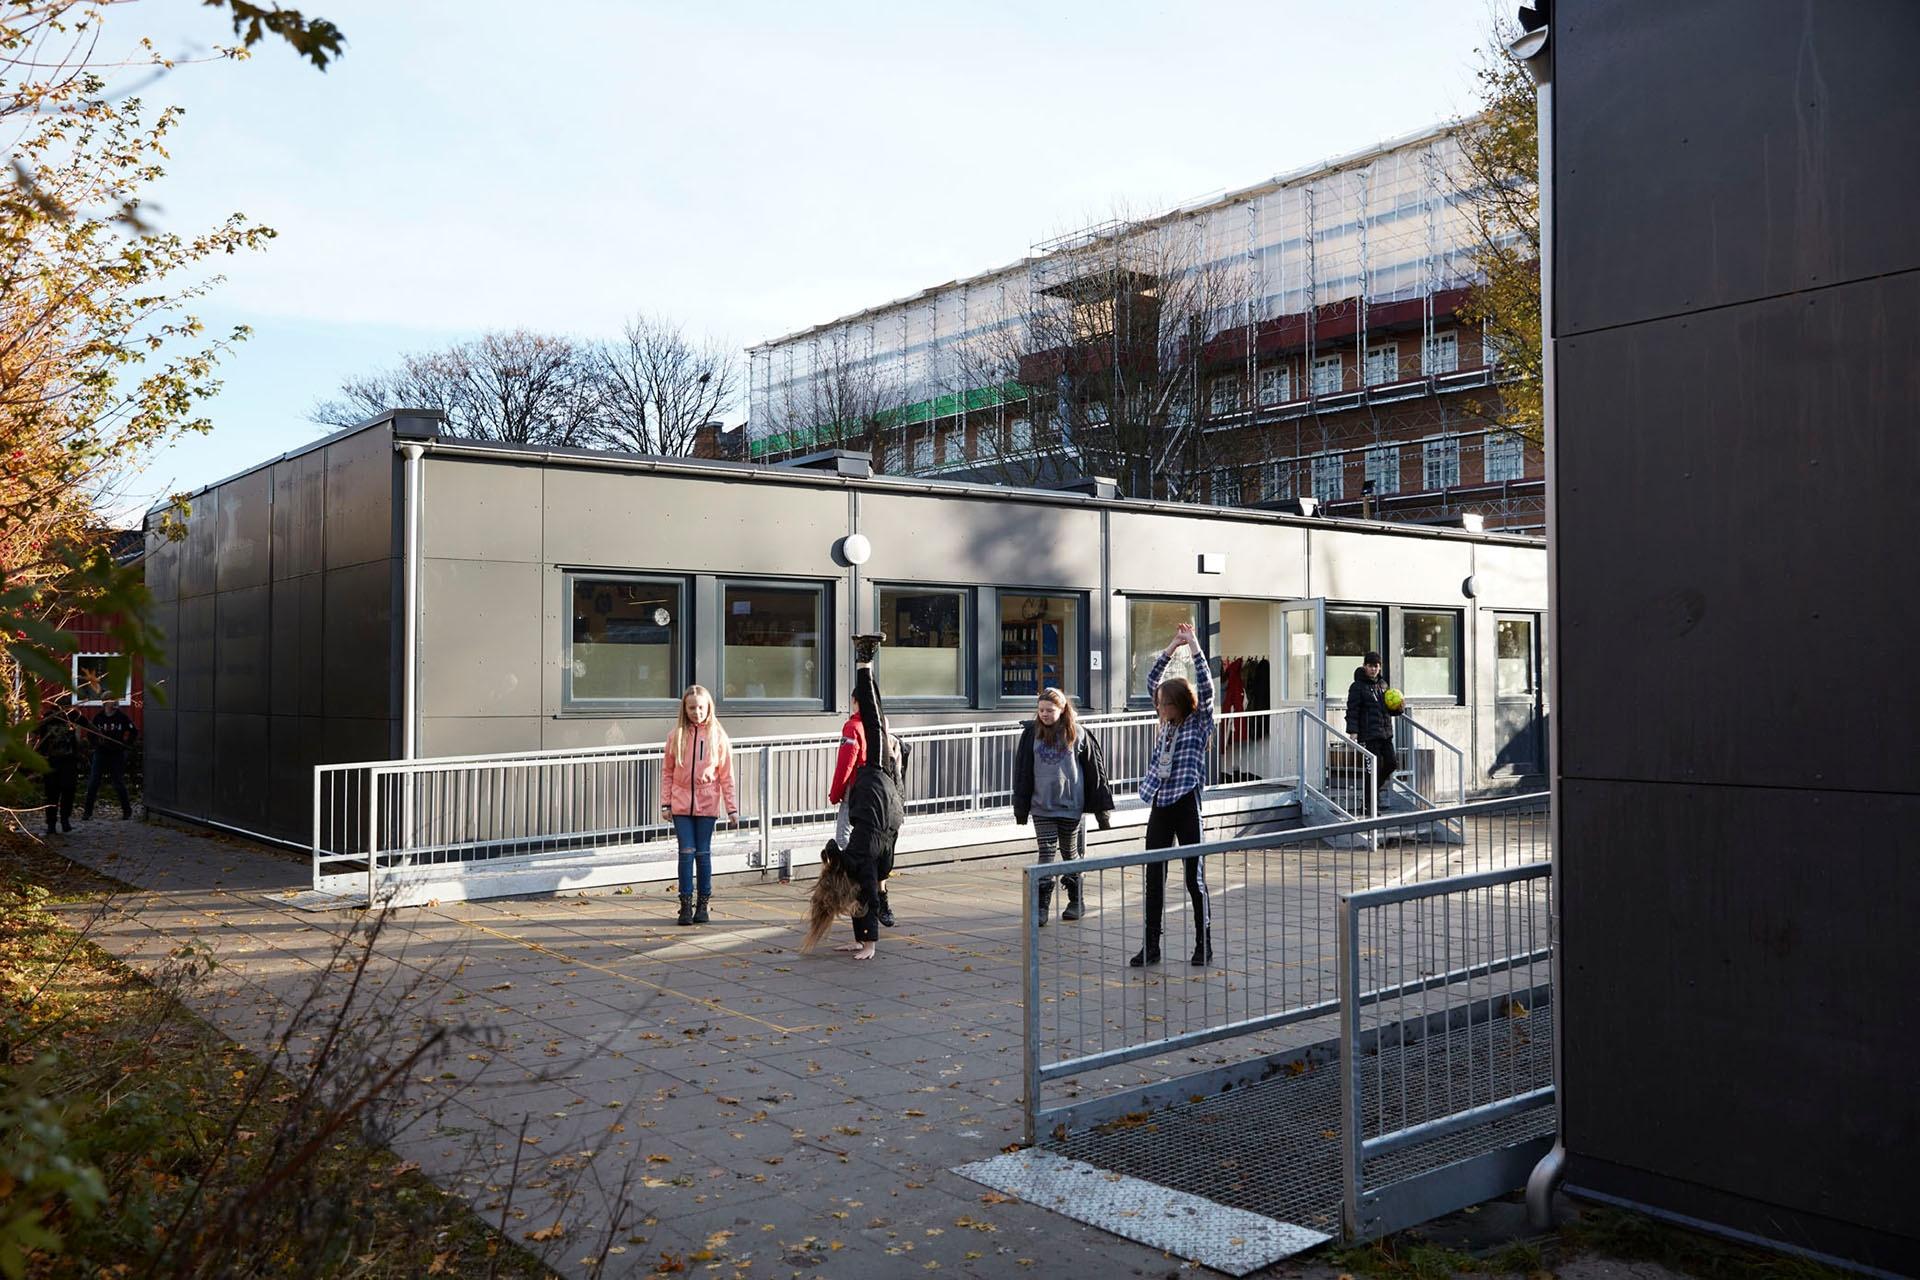 Plads til at lære: Gode midlertidige lokaler sikrer skolearbejdet